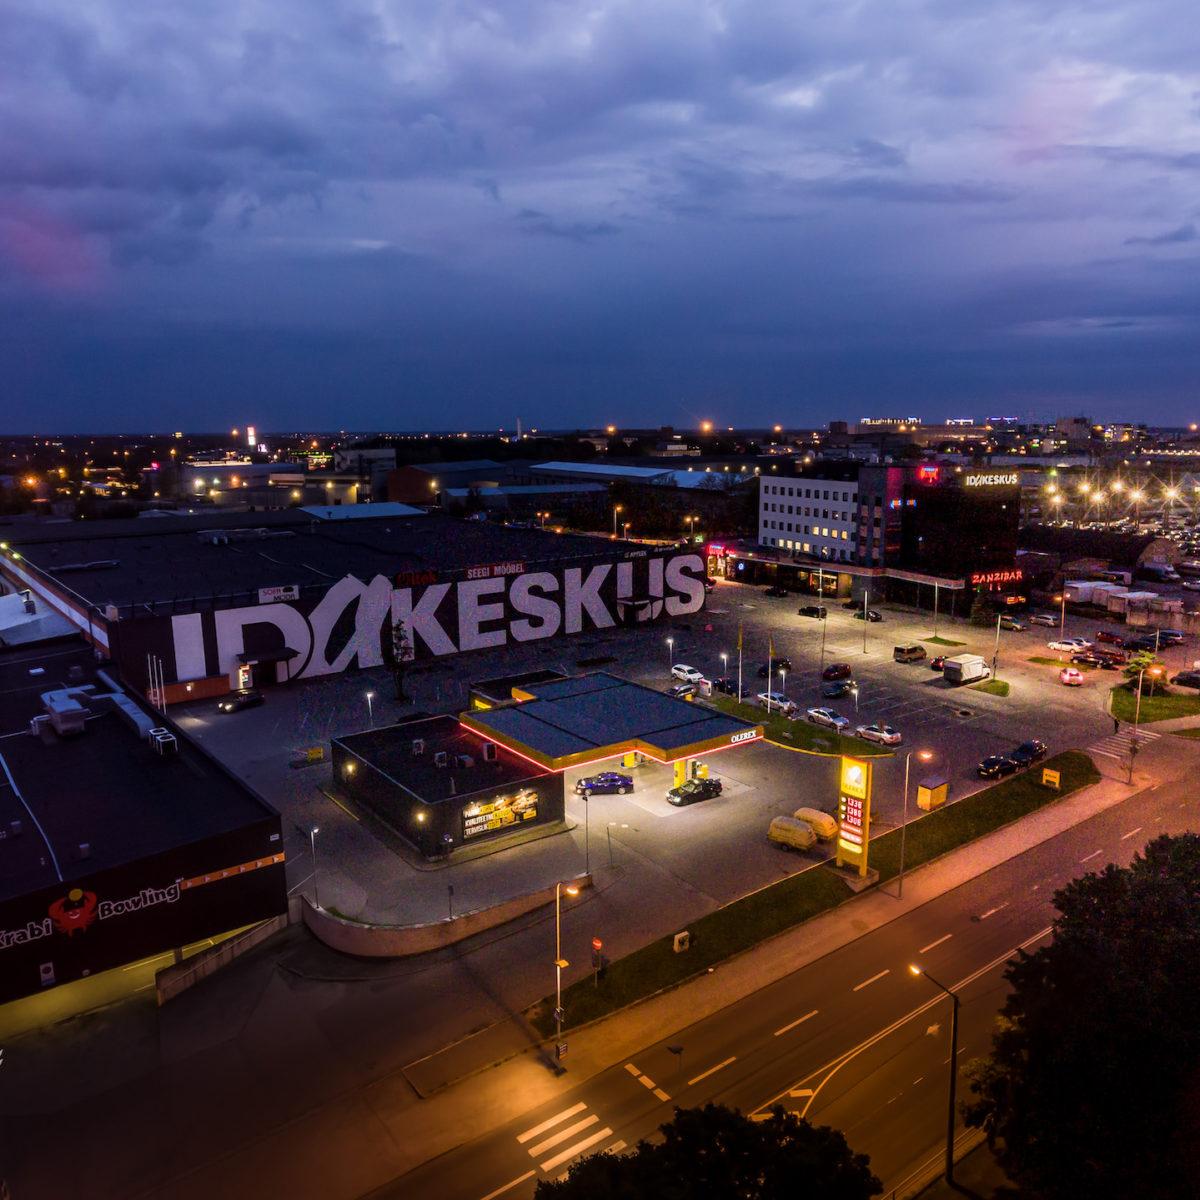 Idakeskus indoor pool in Tallinn